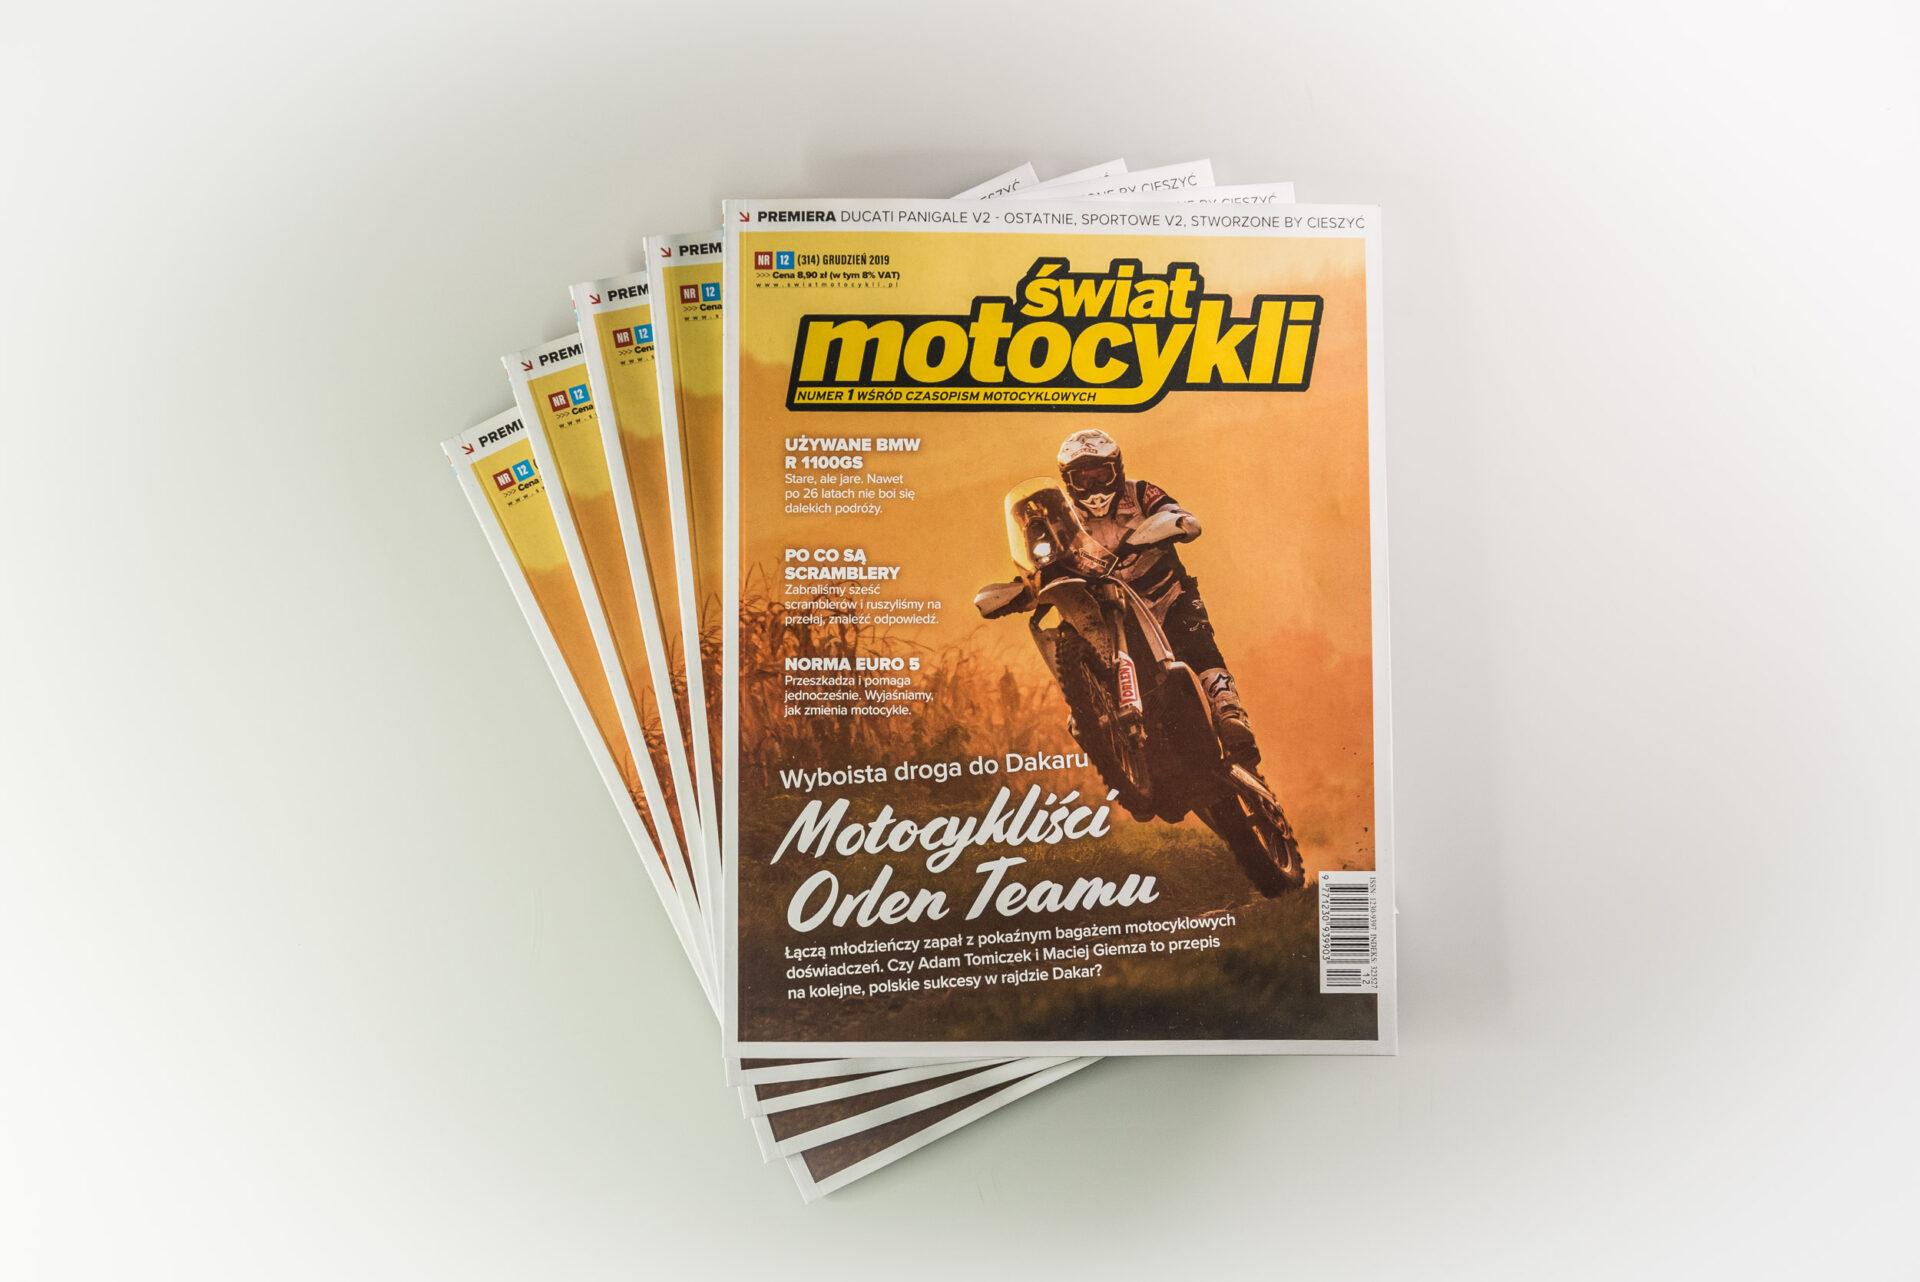 Świat motocykli - doskonały prezent na święta